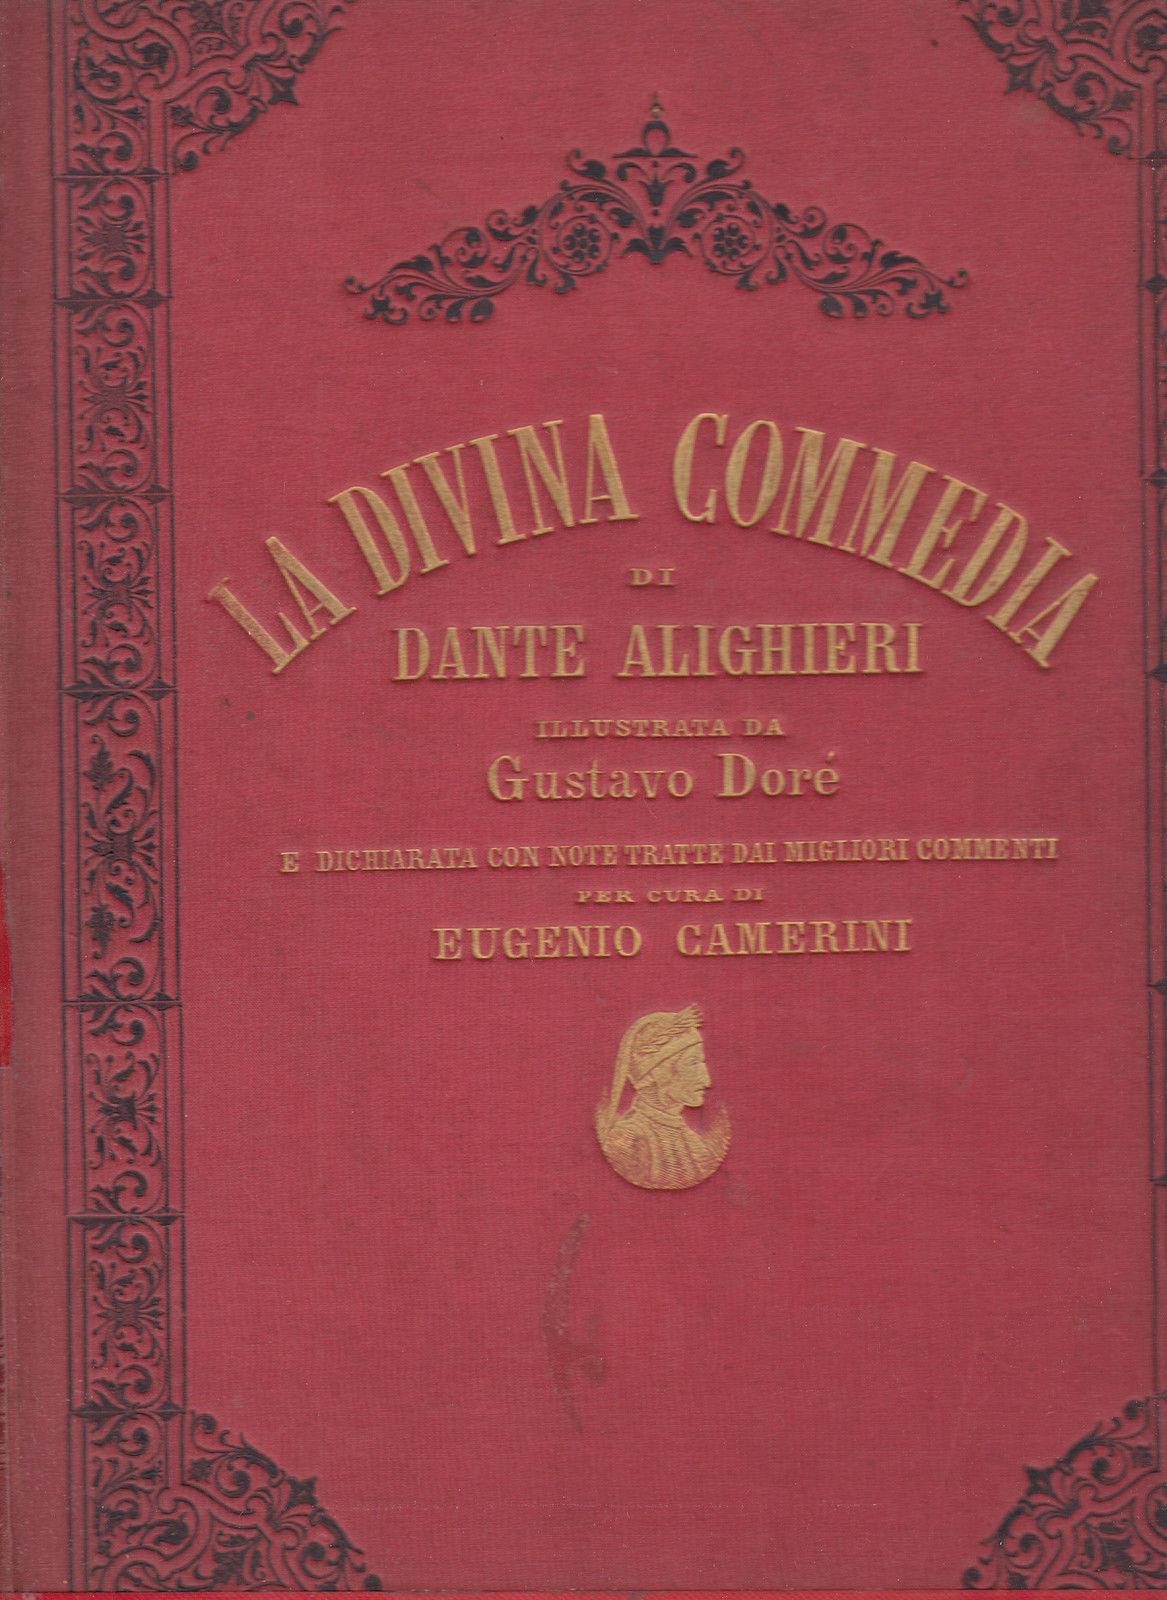 La Divina Commedia di Dante Alighieri illustrata da Gustave Doré – Sonzogno 1887